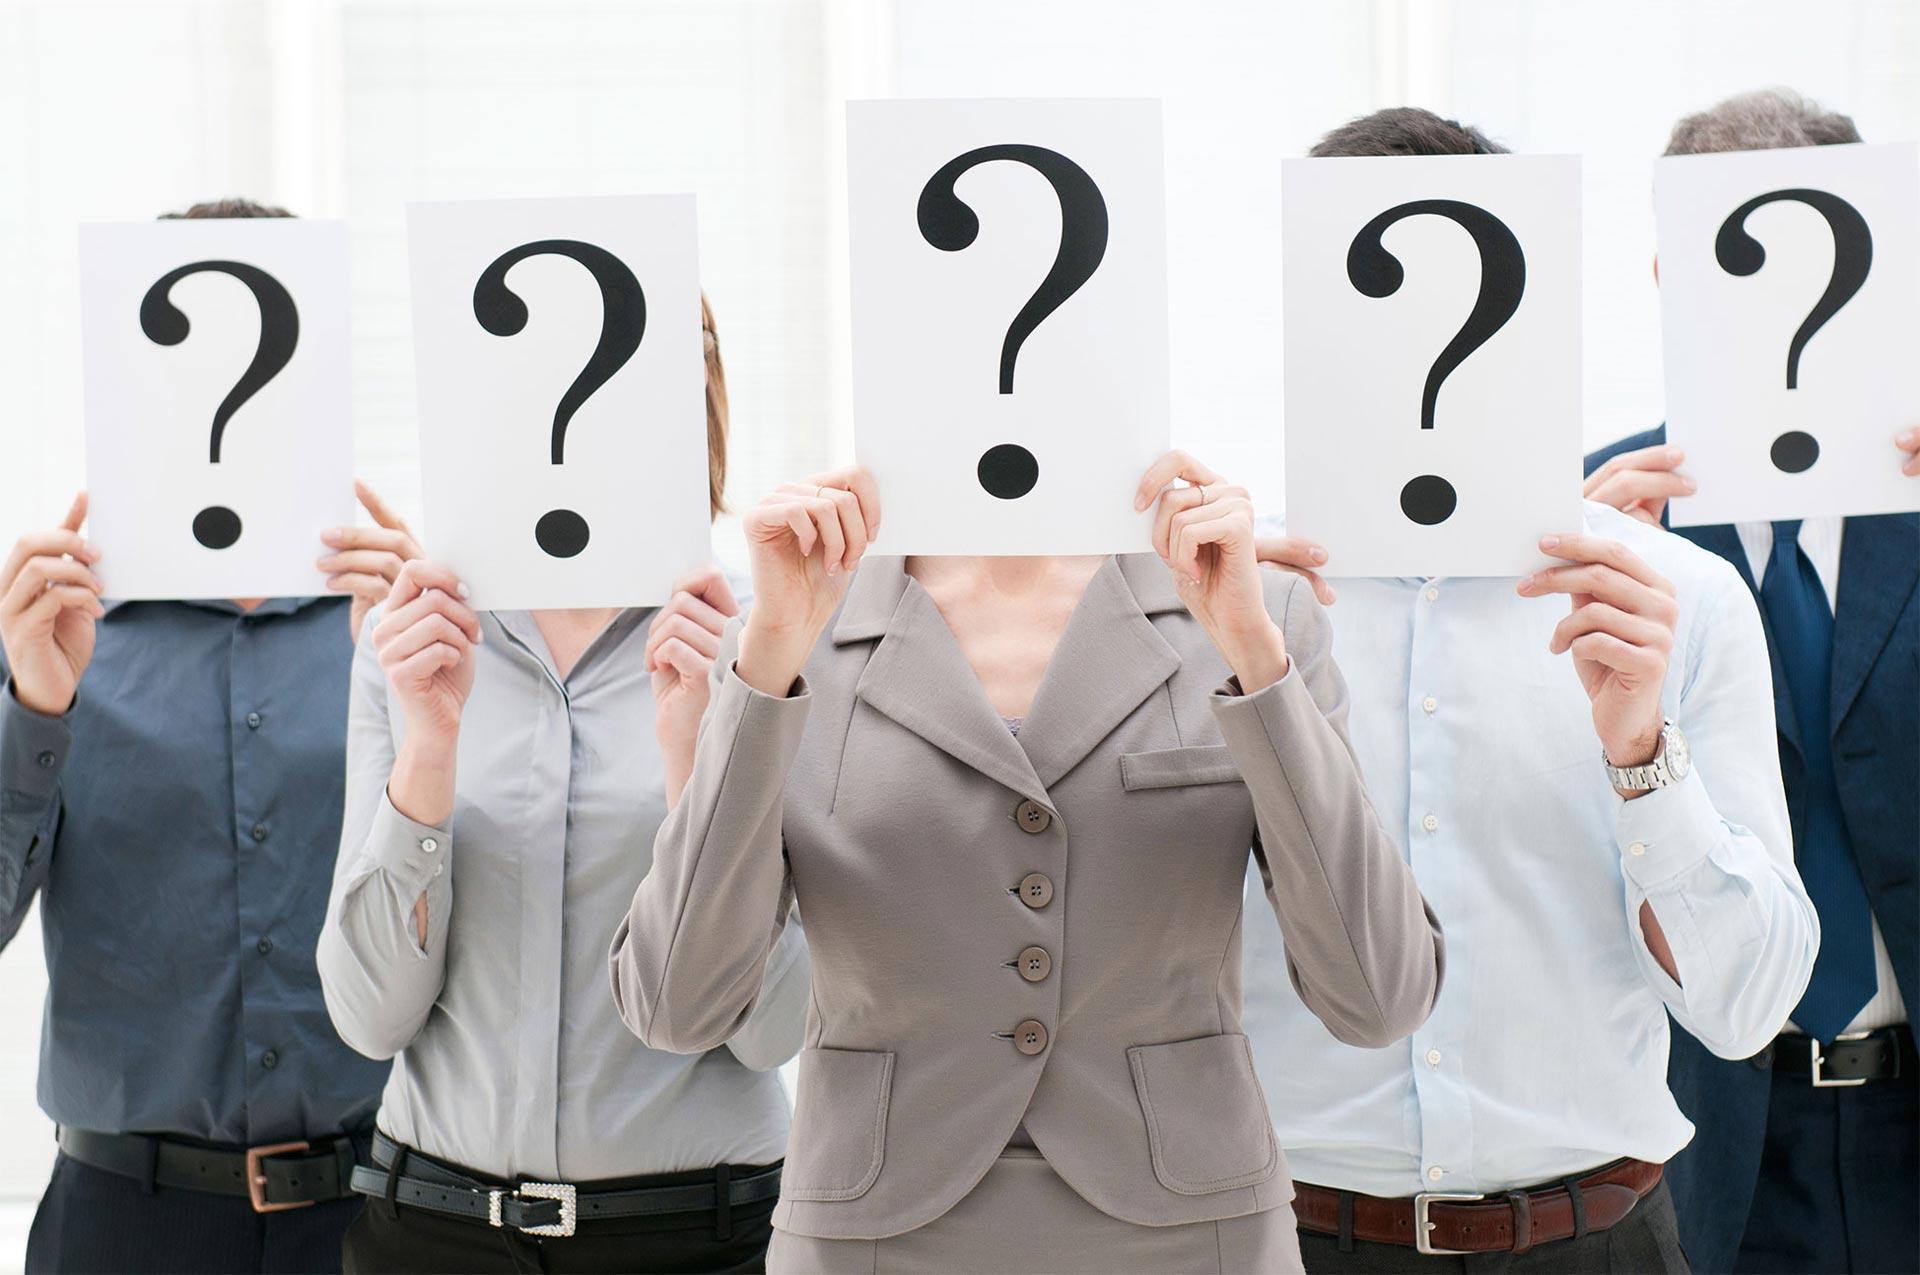 Бесплатный вебинар: Продуктивные сотрудники и постоянная обратная связь (continuous feedback)